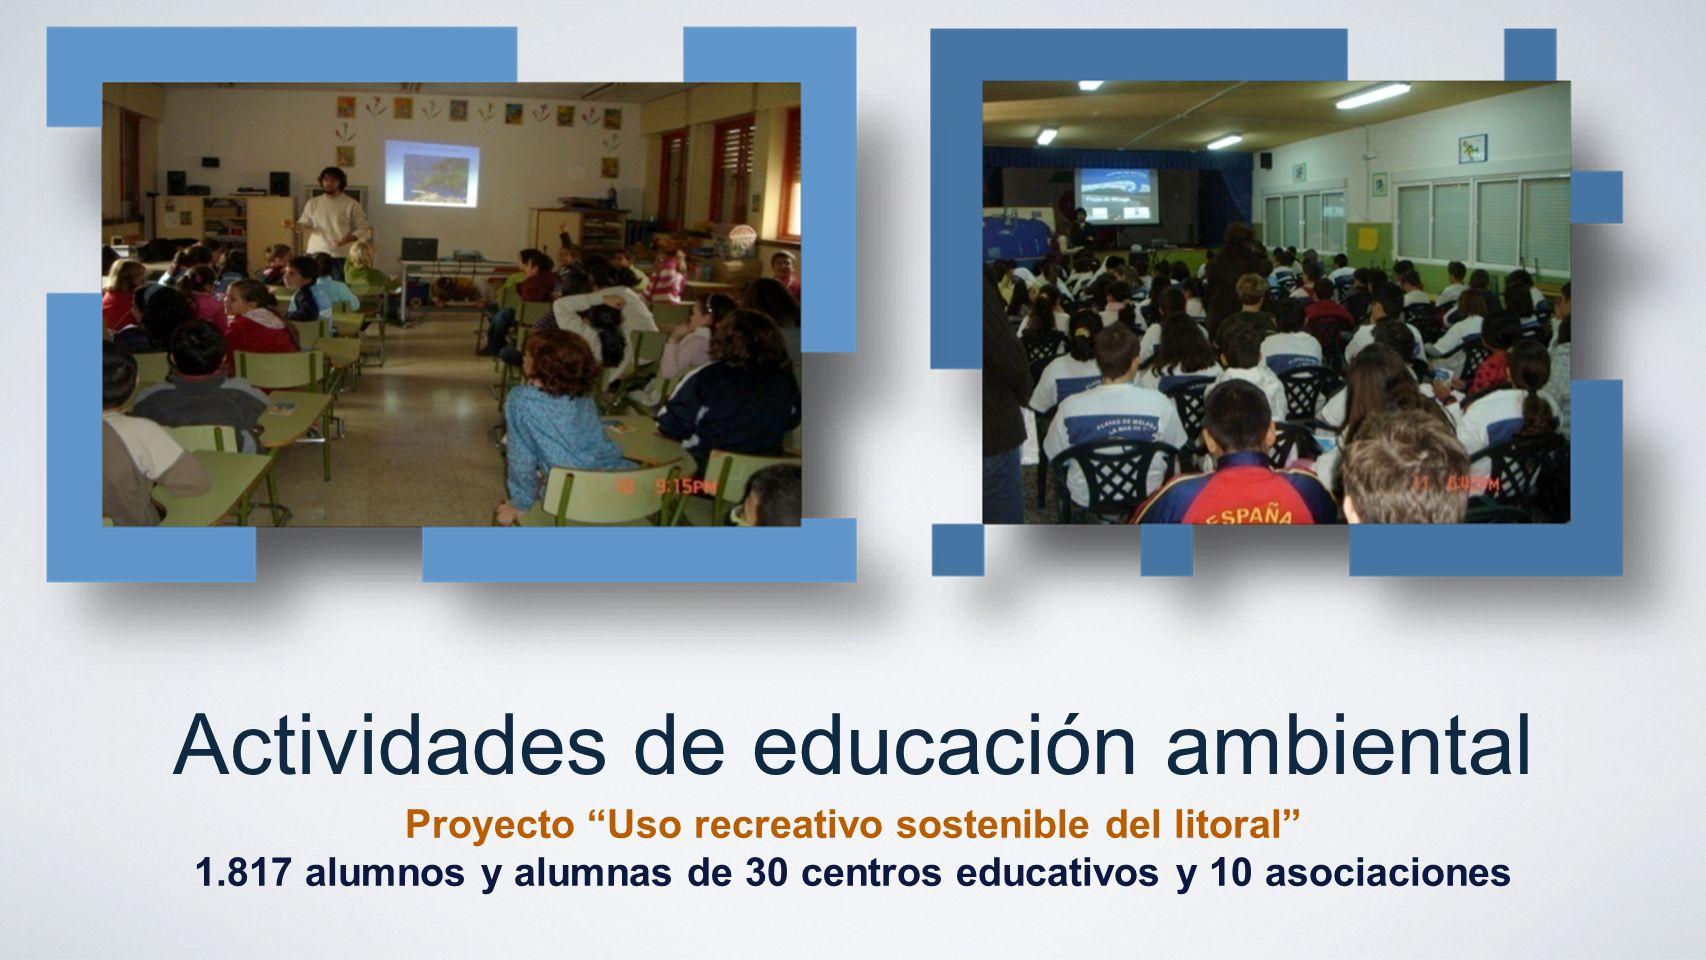 Actividades de educación ambiental Proyecto Uso recreativo sostenible del litoral 1.817 alumnos y alumnas de 30 centros educativos y 10 asociaciones